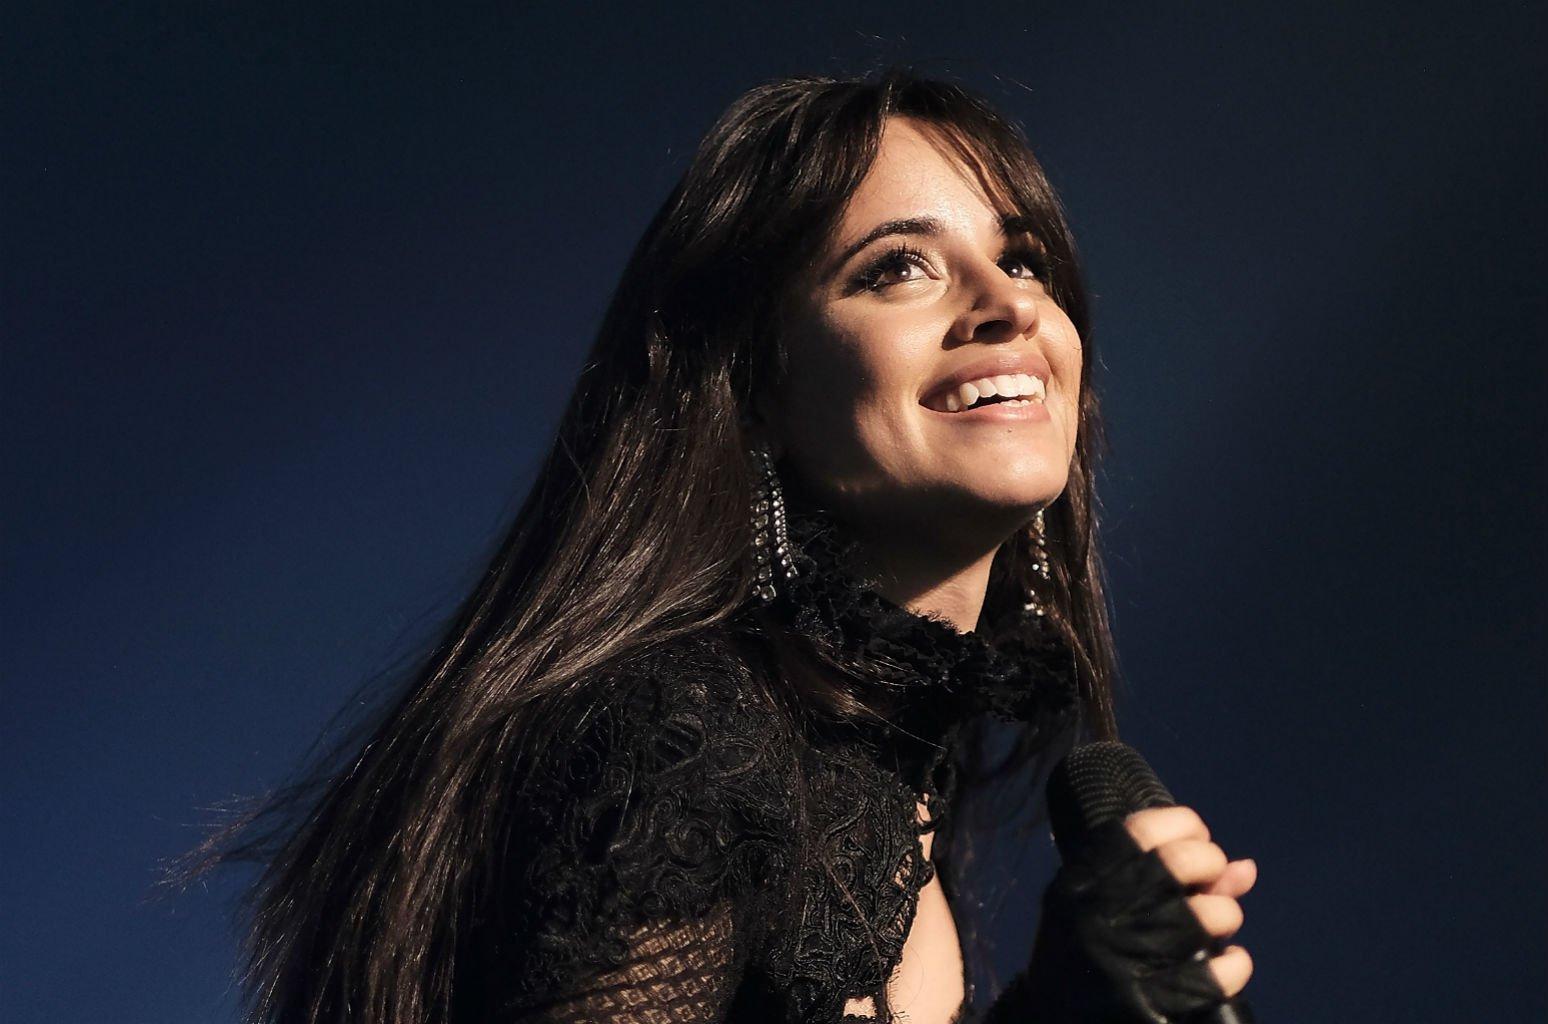 8 Unforgettable Moments From @Camila_Cabello's Never Be The Same Tour https://t.co/jvZ6jV7STj https://t.co/eKMwdGWZ1v